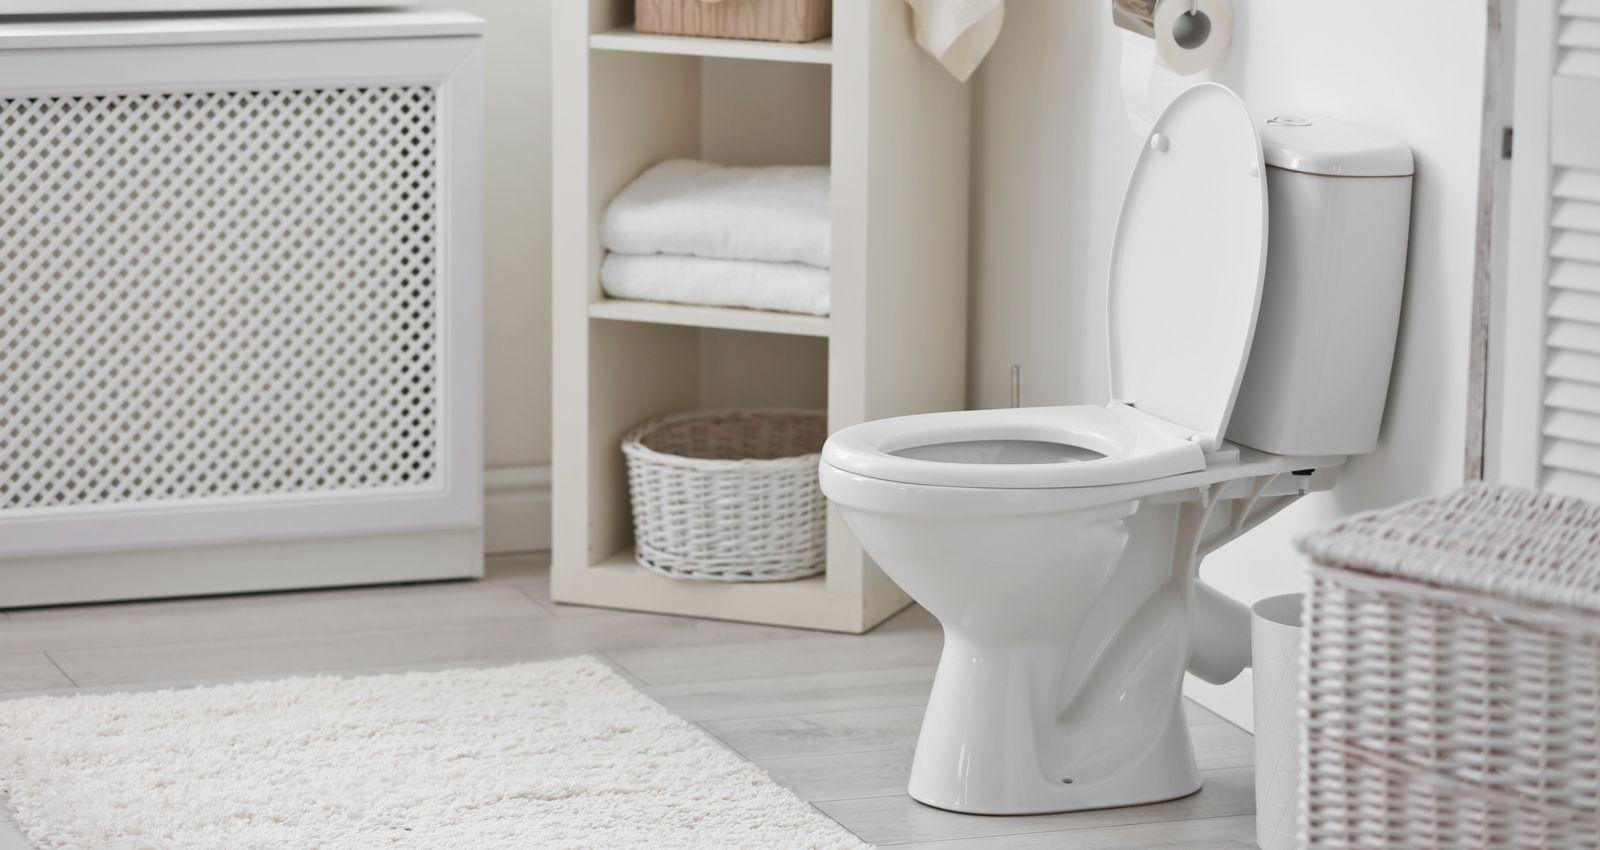 Combien De Wc Dans Une Maison combien coûte l'installation, le montage de toilettes, wc